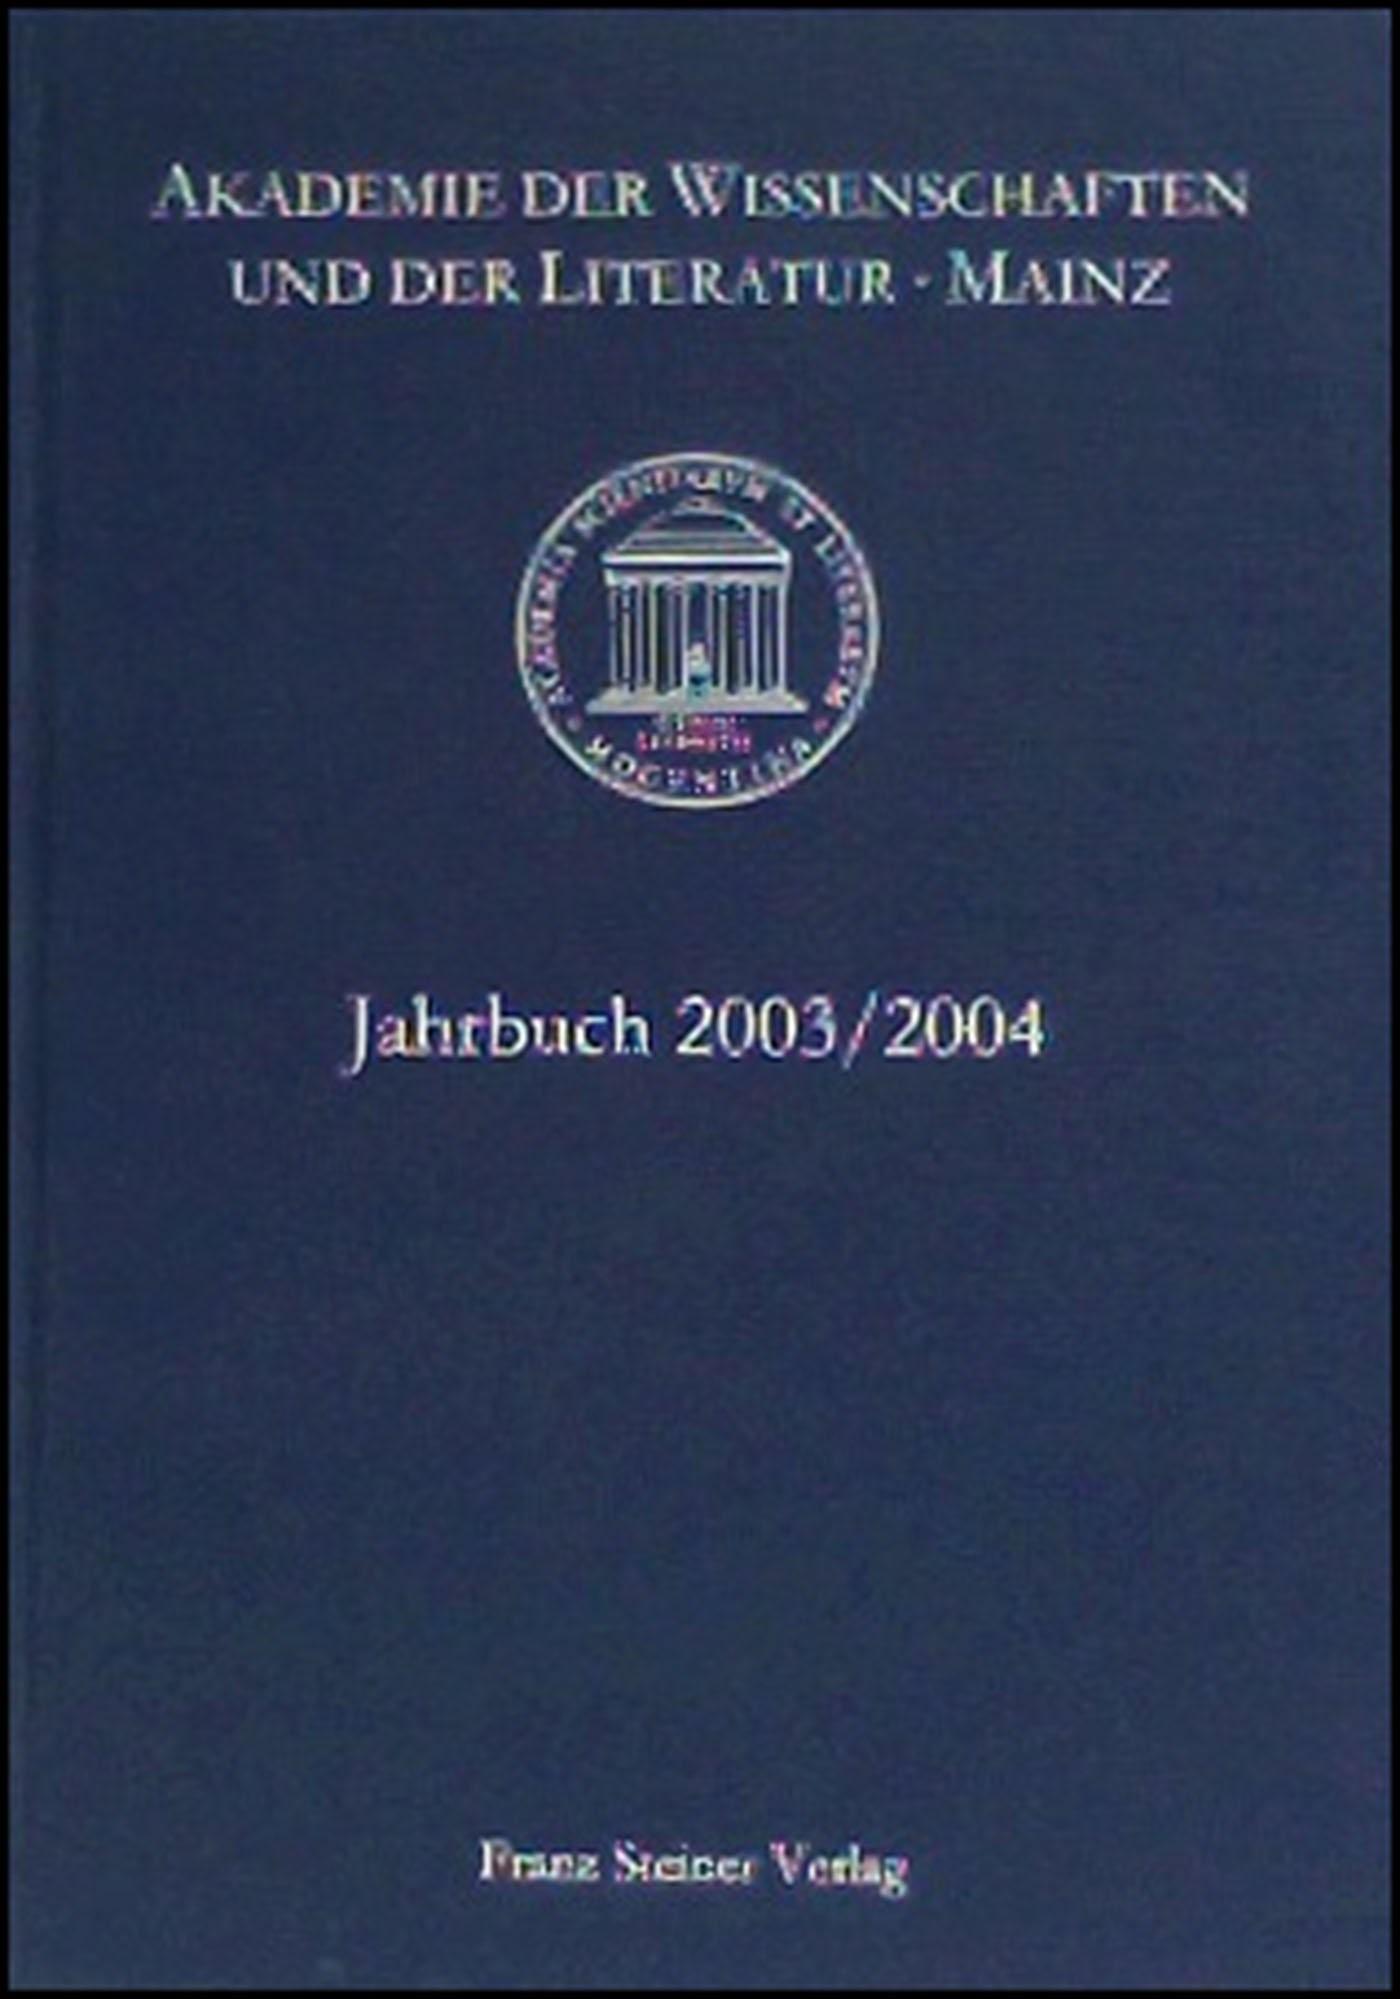 Abbildung von Akademie der Wissenschaften und der Literatur Mainz   Akademie der Wissenschaften und der Literatur Mainz – Jahrbuch 54/55 (2003/2004)   2005